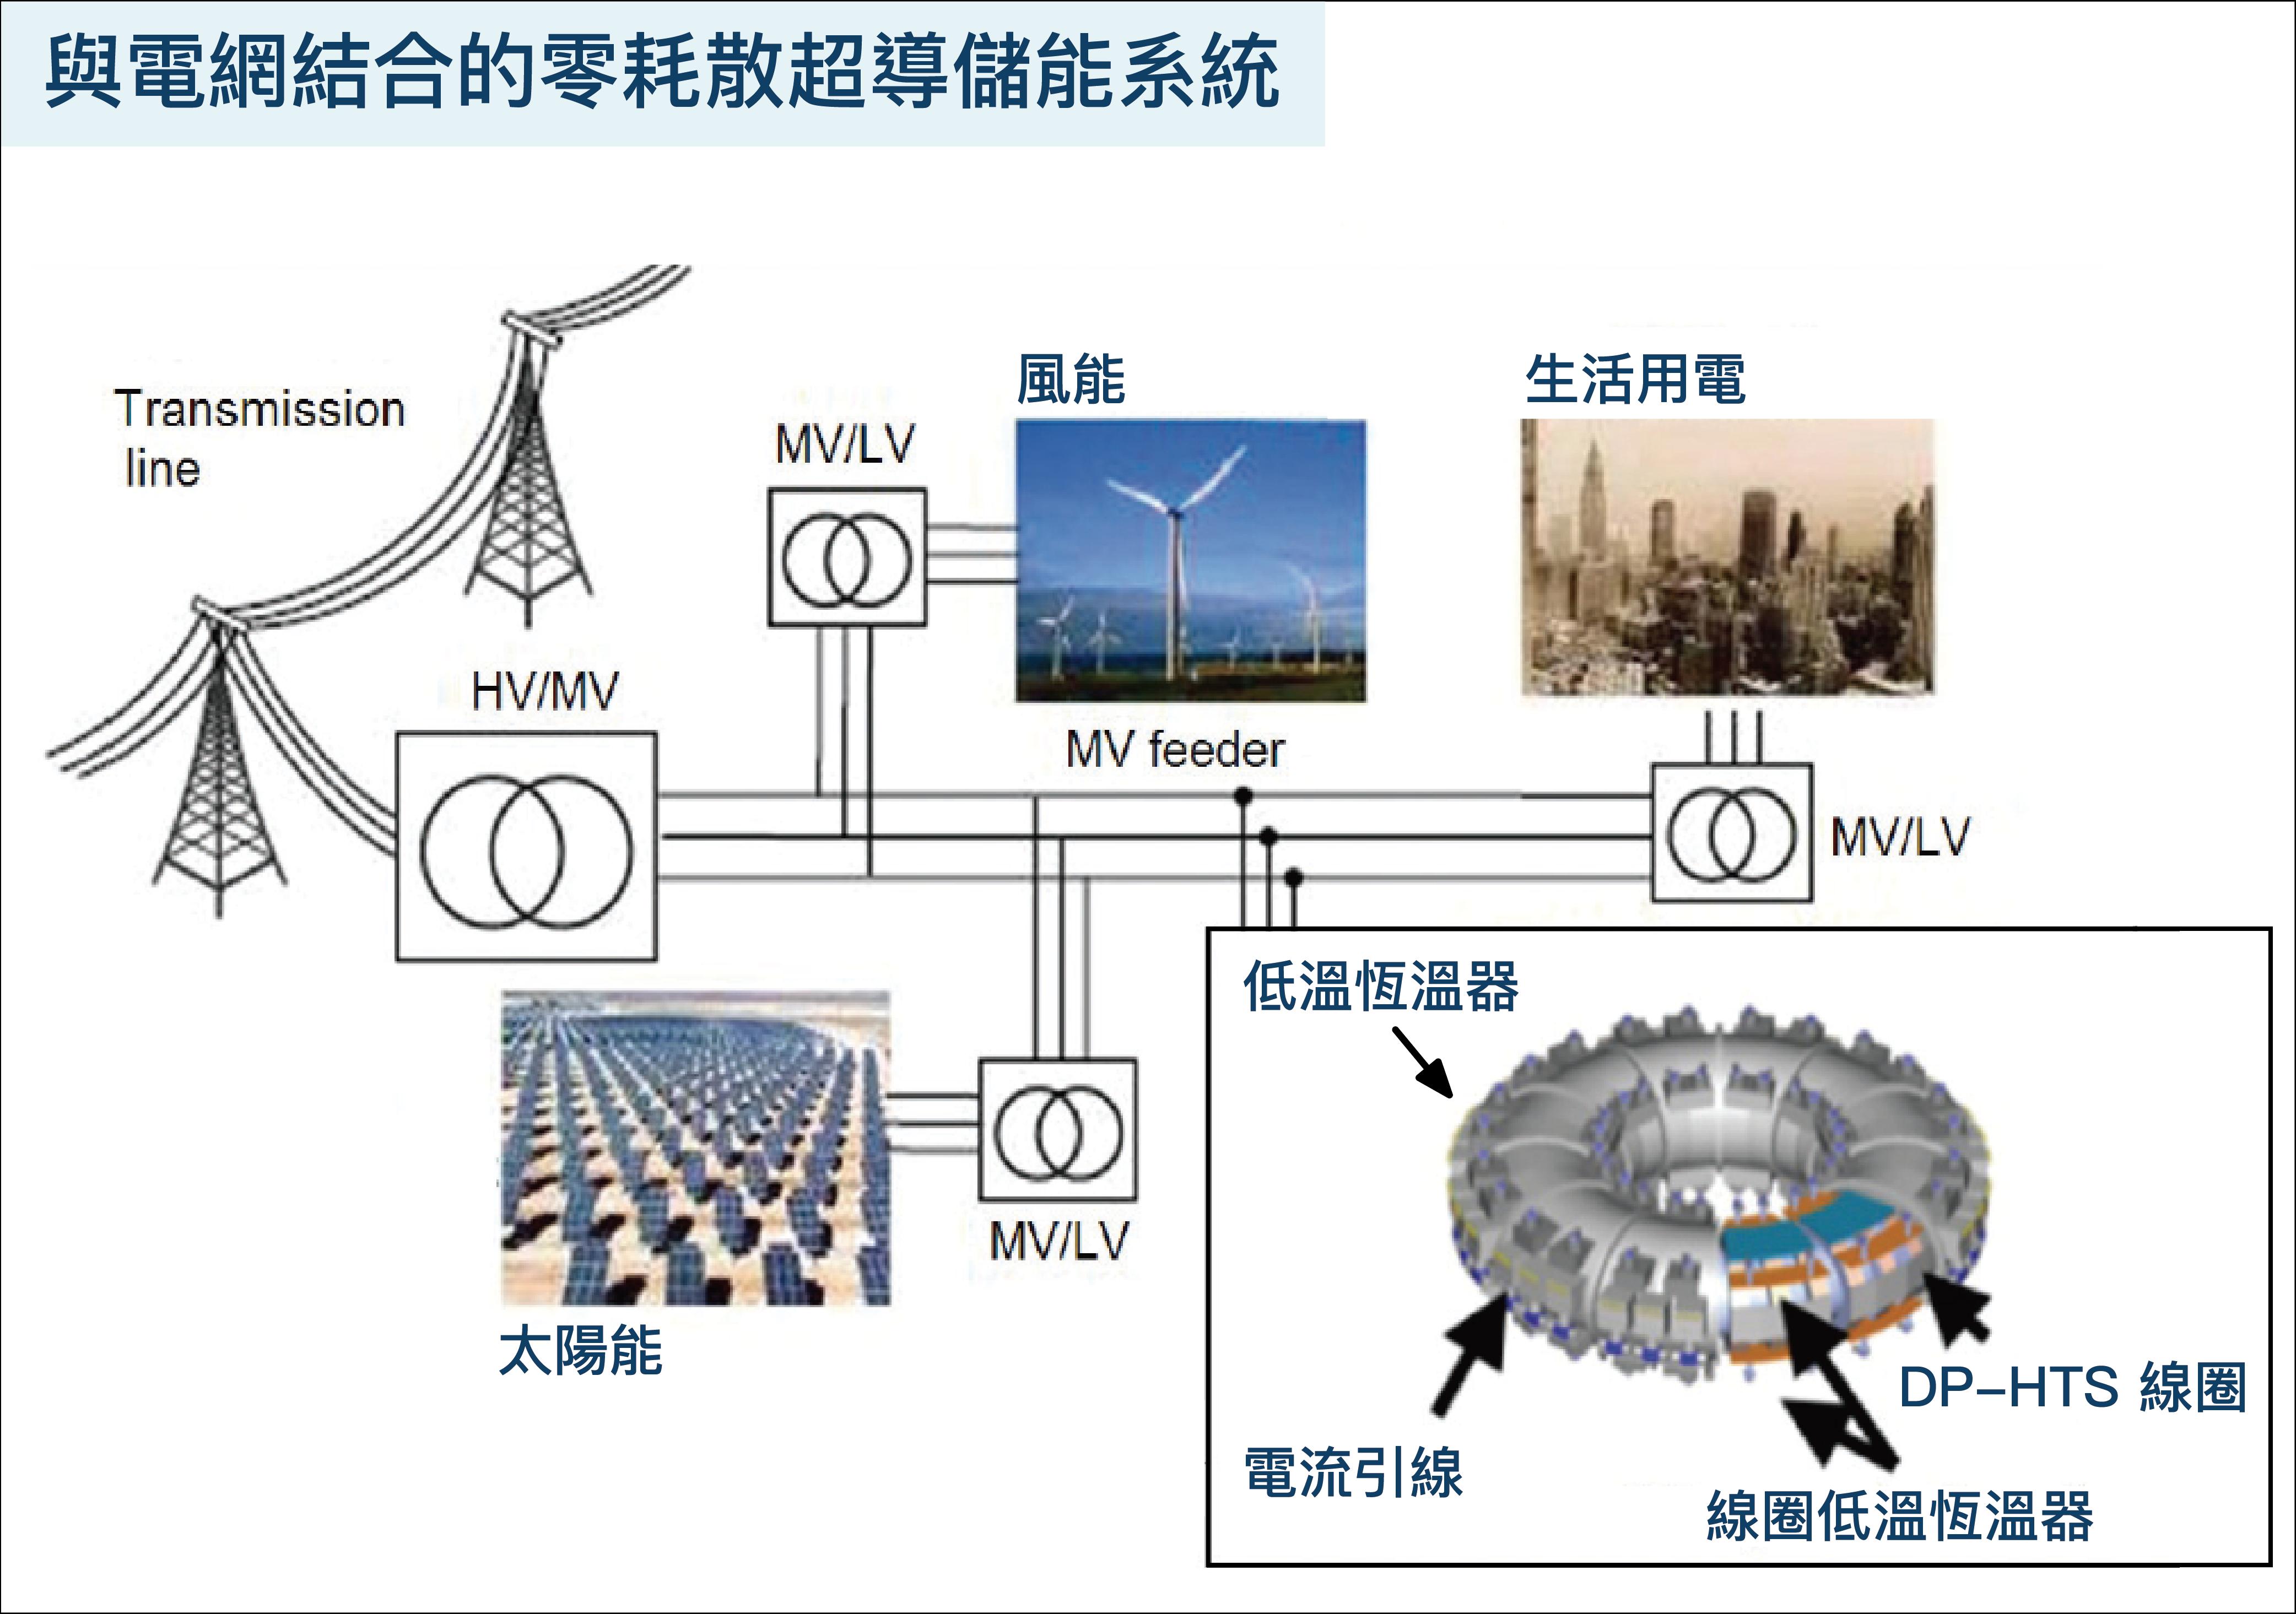 以超導材料繞成線圈的儲能器,運用零電阻的優勢,可以將再生能源發出多餘的電力儲存在裡面,需要時再拿出來使用。圖│柯旂、張語辰(資料來源│Why the wind industry should cheer superconductivity)